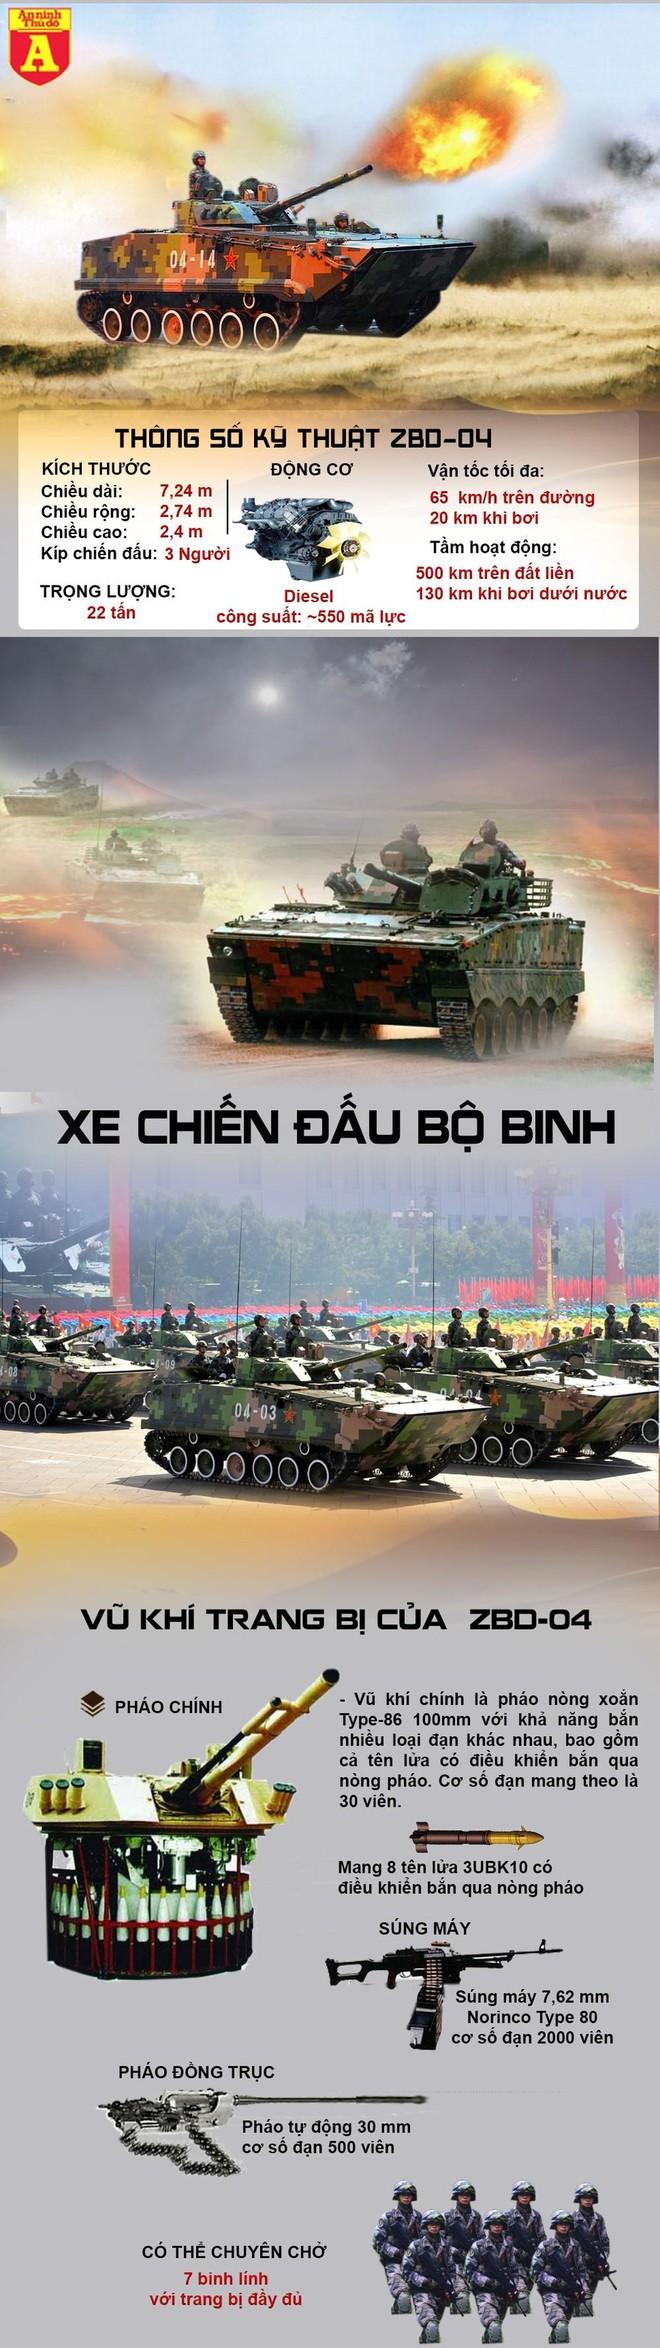 [Info] Xe bọc thép hạng nhẹ Trung Quốc: Hoả lực tốt nhưng vẫn dễ bị tổn thương ảnh 2